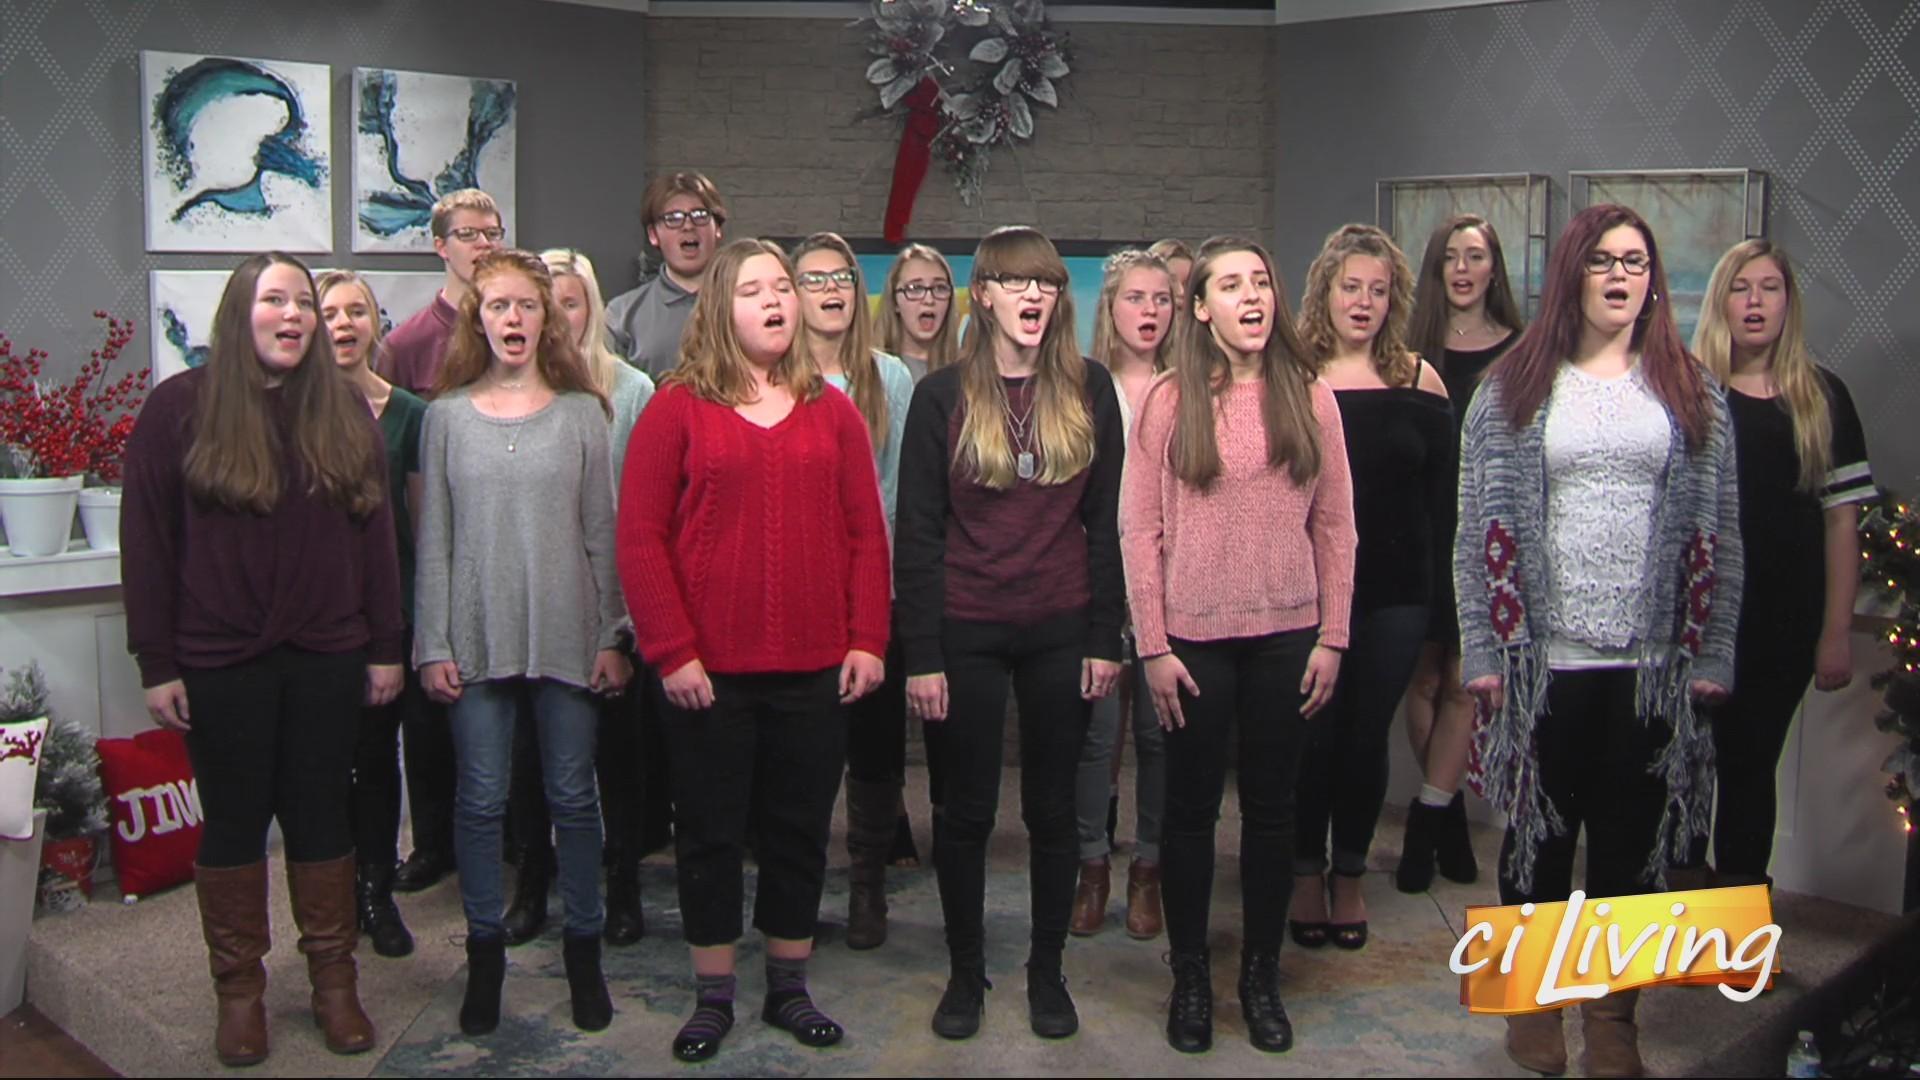 CI Living St Joseph Ogden High School Choir Performance 3